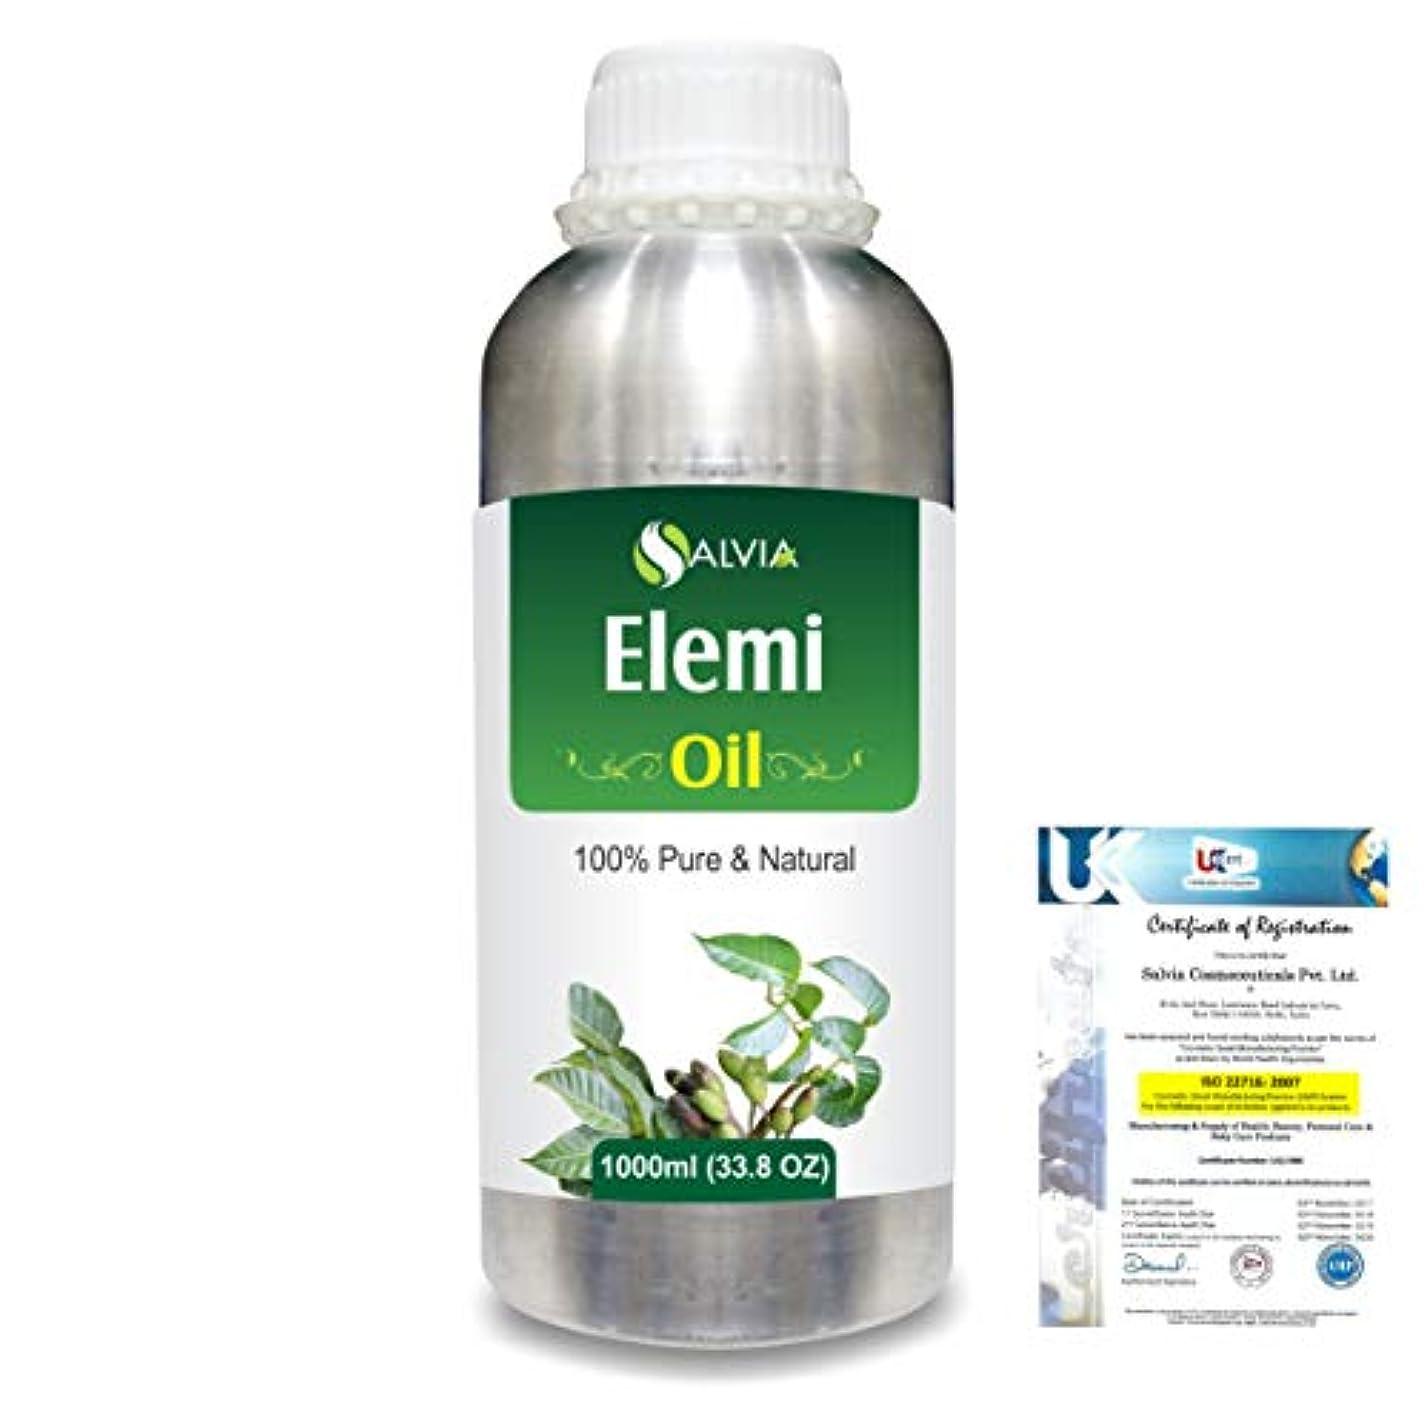 Elemi (Canarium vulgare) 100% Natural Pure Essential Oil 1000ml/33.8fl.oz.